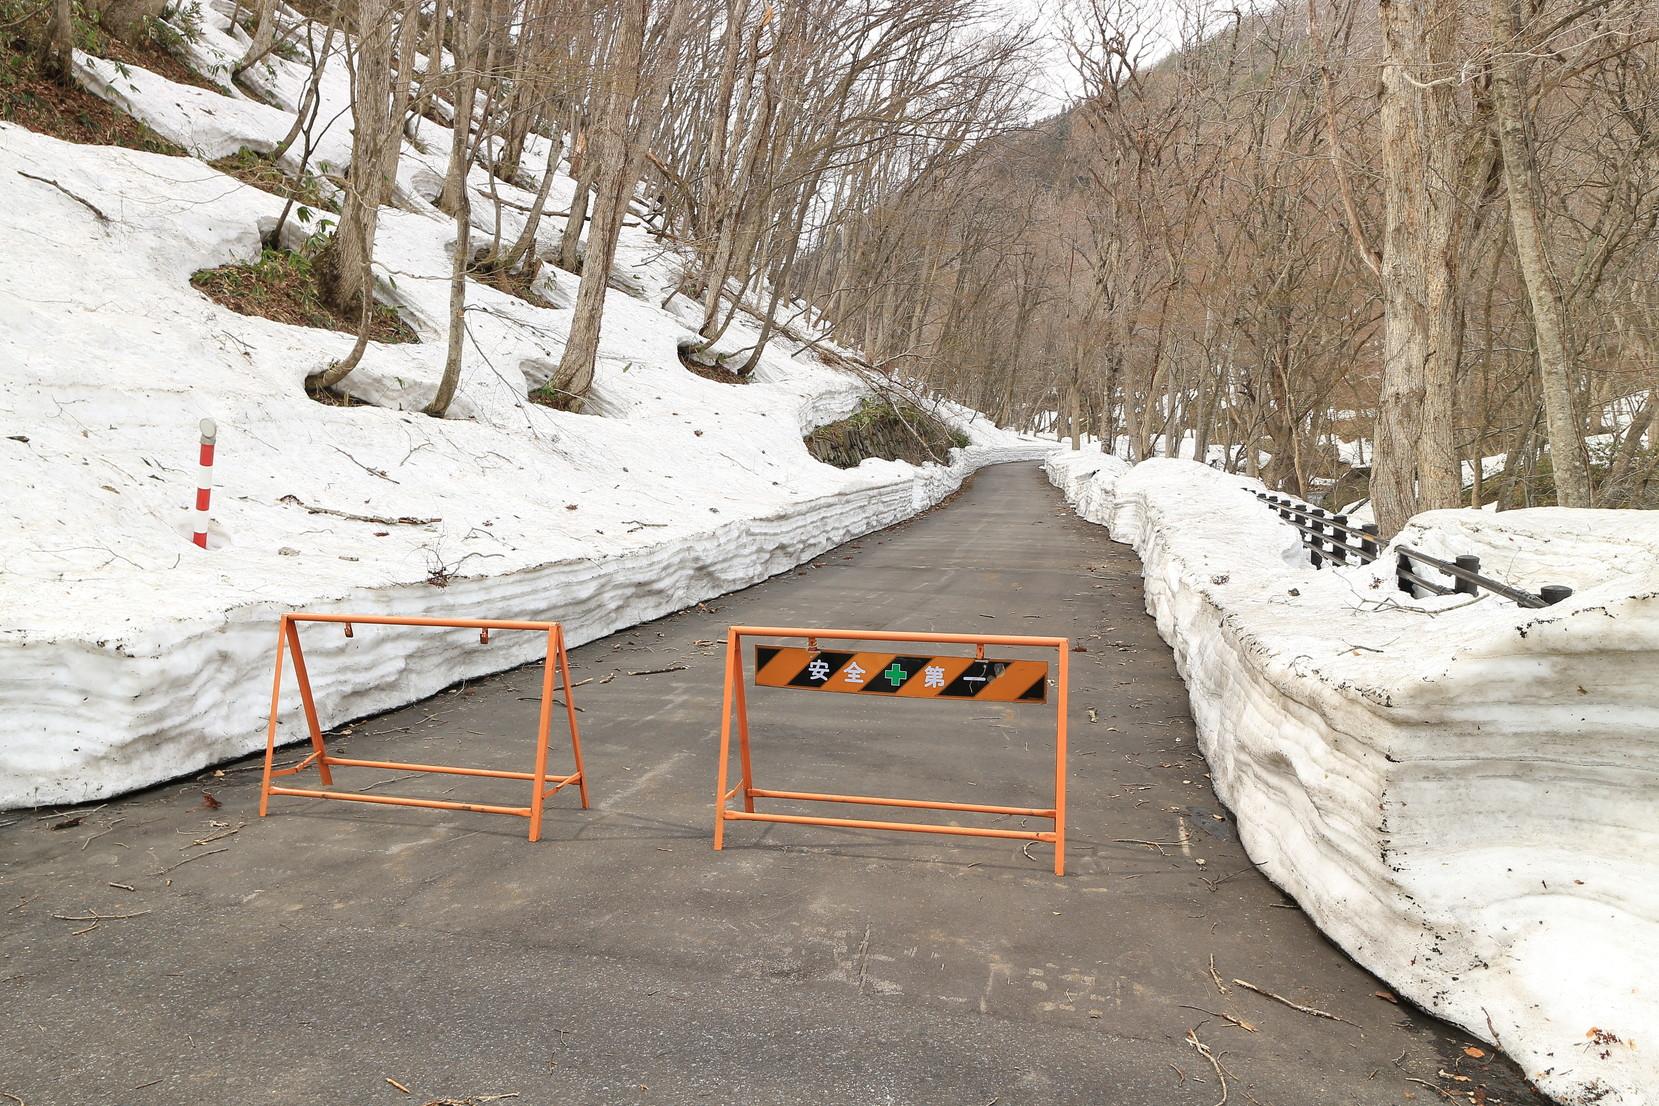 青森県田子町 みろくの滝の様子は?_001